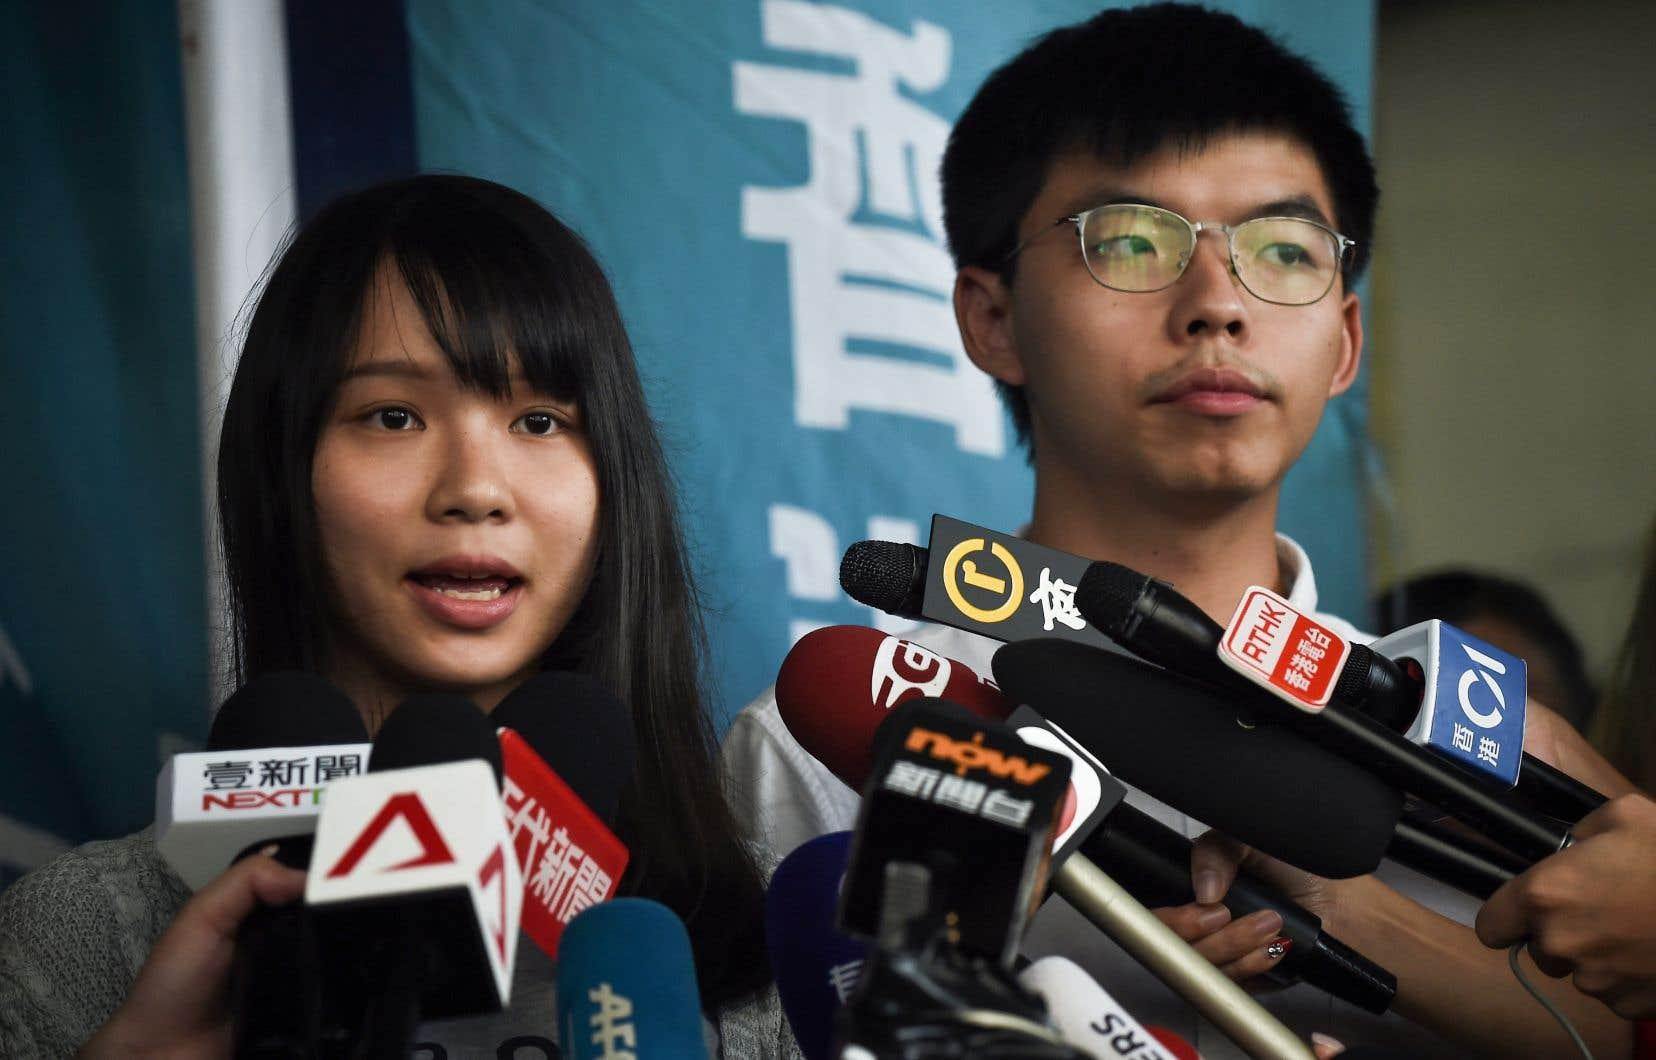 Deux figures de proue du mouvement de 2014, Agnes Chow et Joshua Wong, âgés de 22 ans et très populaires au sein de la contestation actuelle, ont été arrêtées vendredi à l'aube.